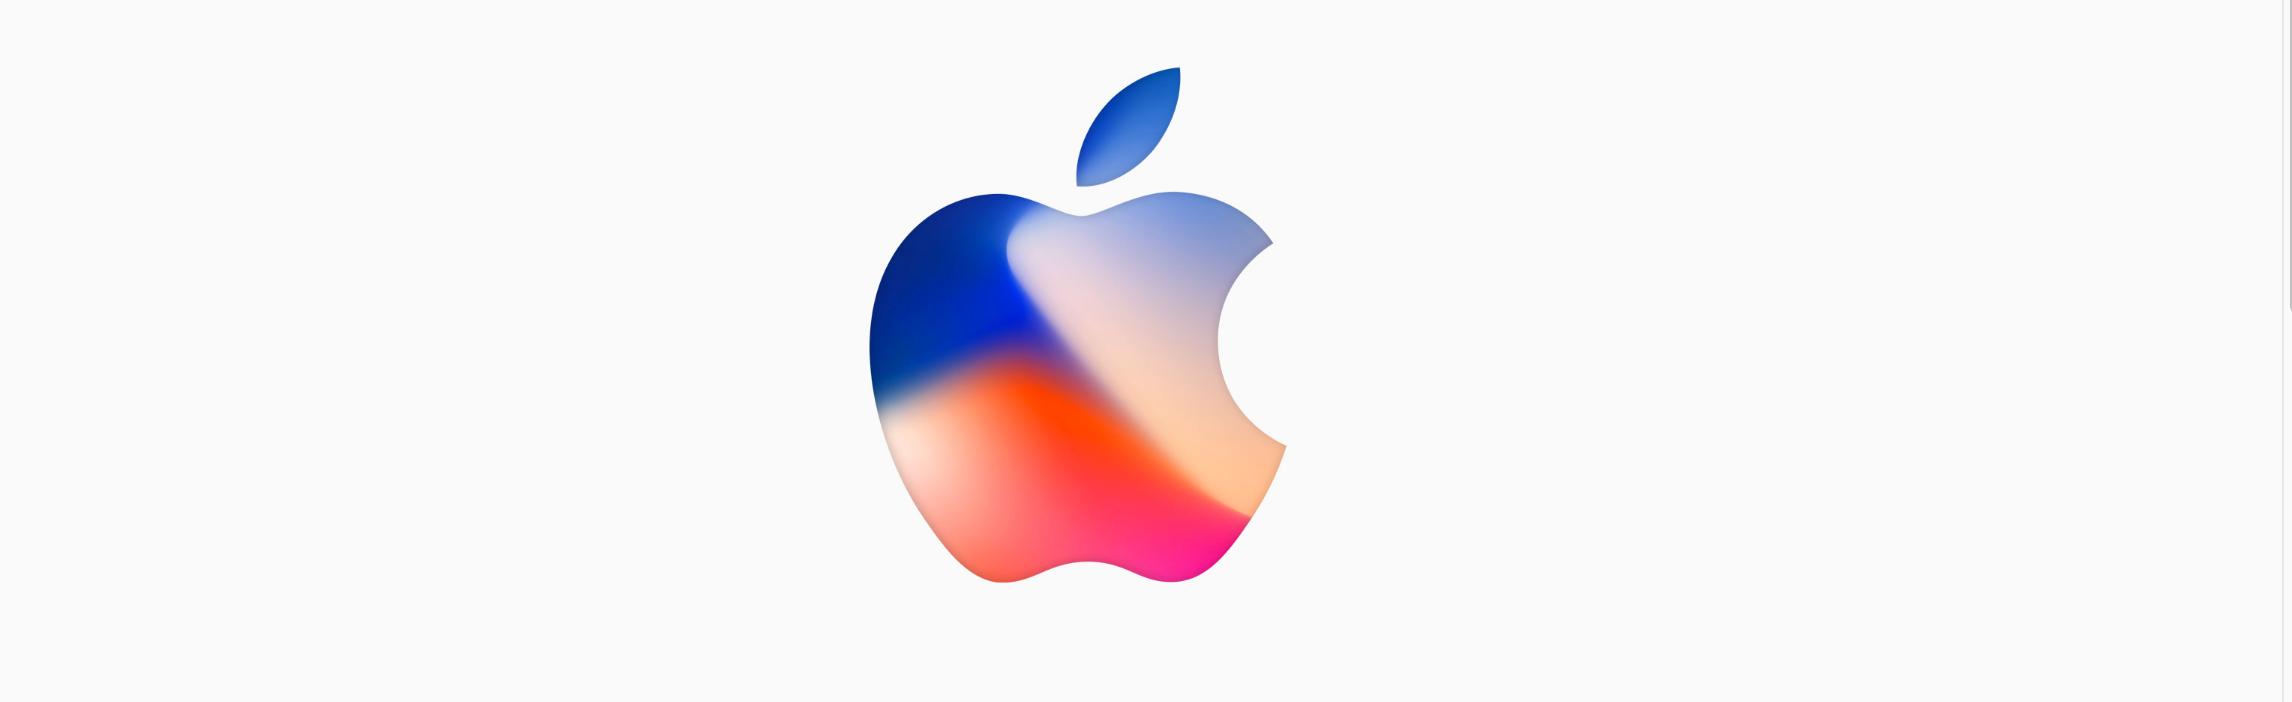 Evento Apple: è ufficiale il 12 settembre arriva l'iPhone 8